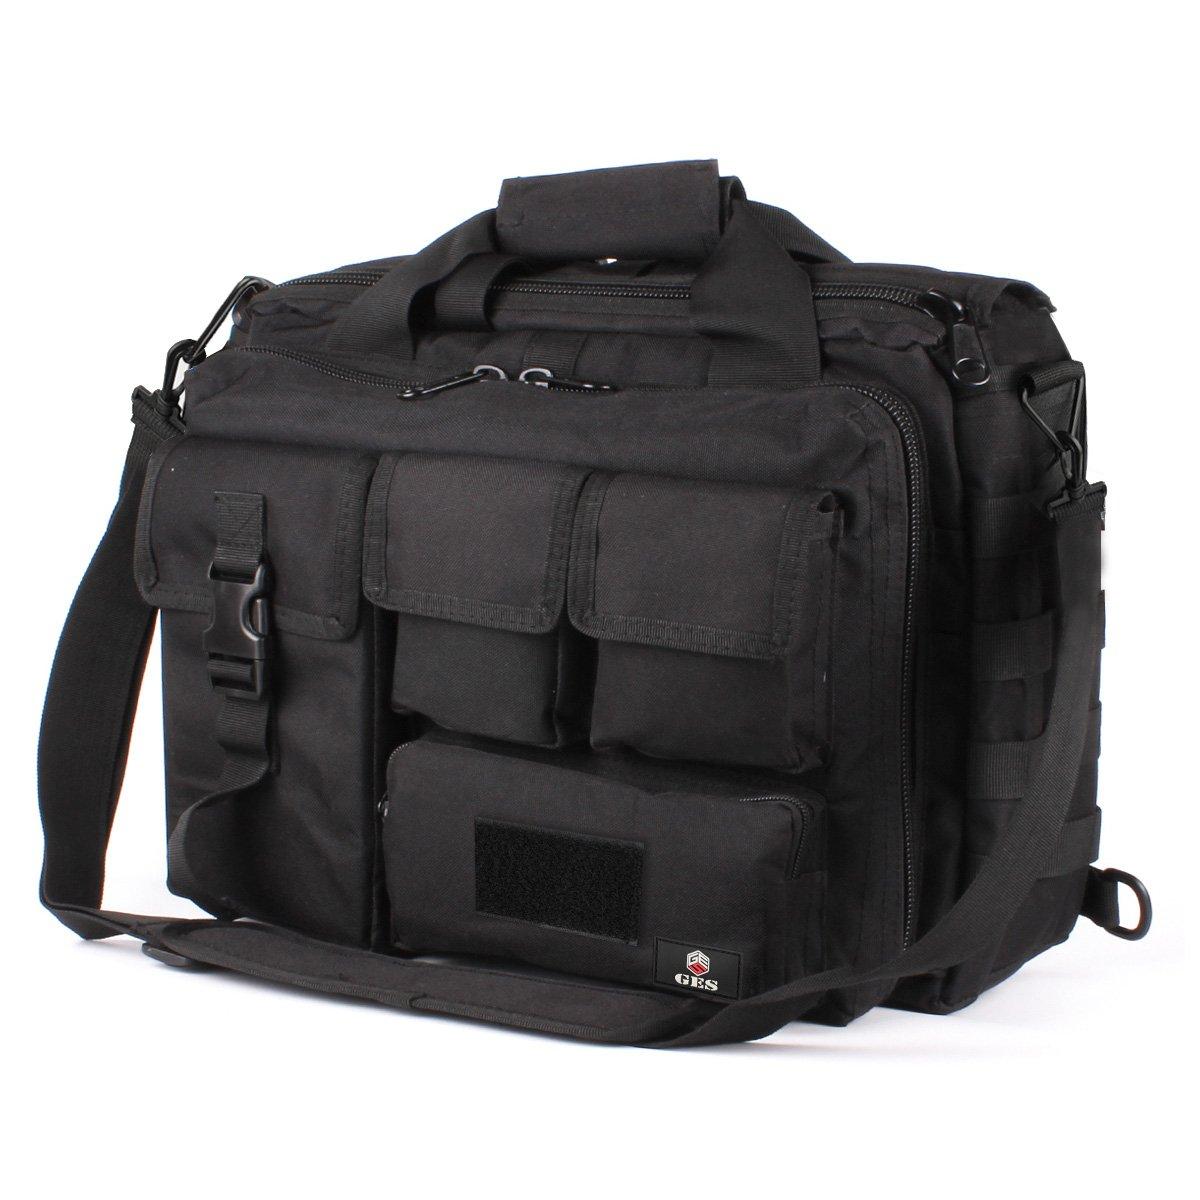 GES Multifunktion Herren Dame Outdoor Militärische Taktische Nylon Schulter Laptop Umhängetasche Aktentasche Handtaschen Laptop Tasche Schultasche Große Genug für 15.6 Laptop / Kamera